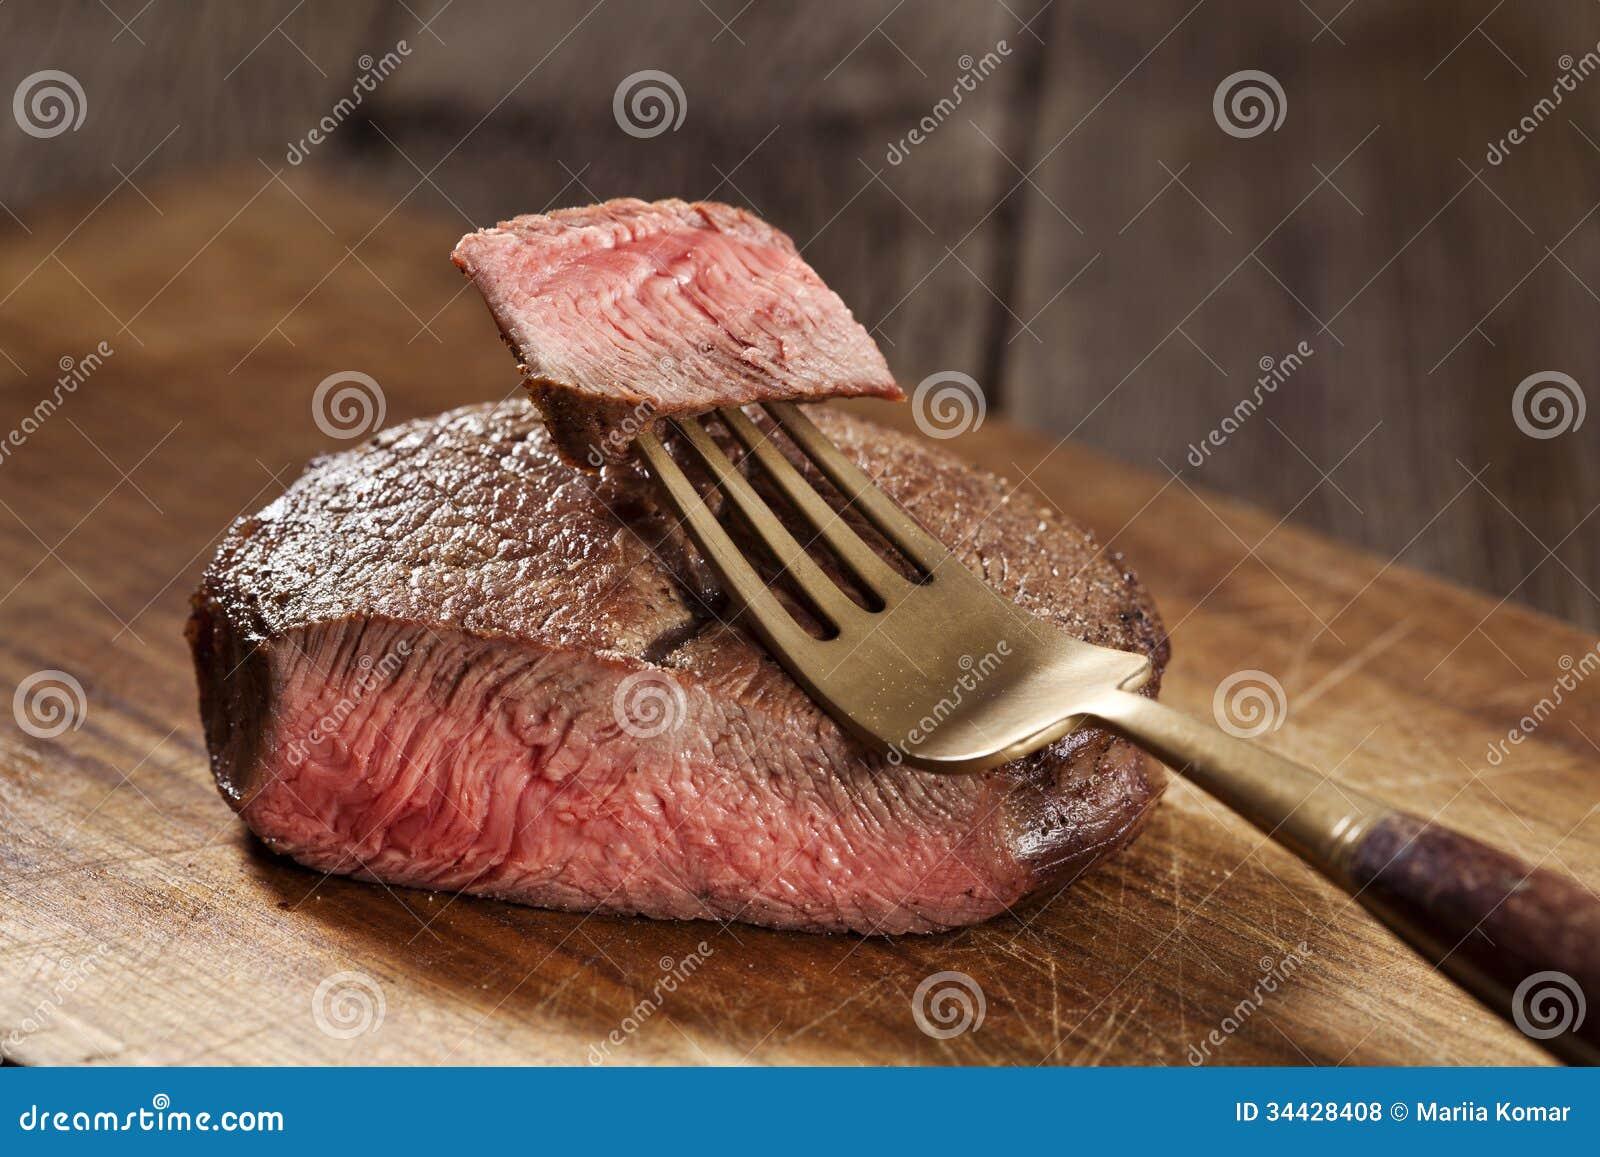 Стейк говядины